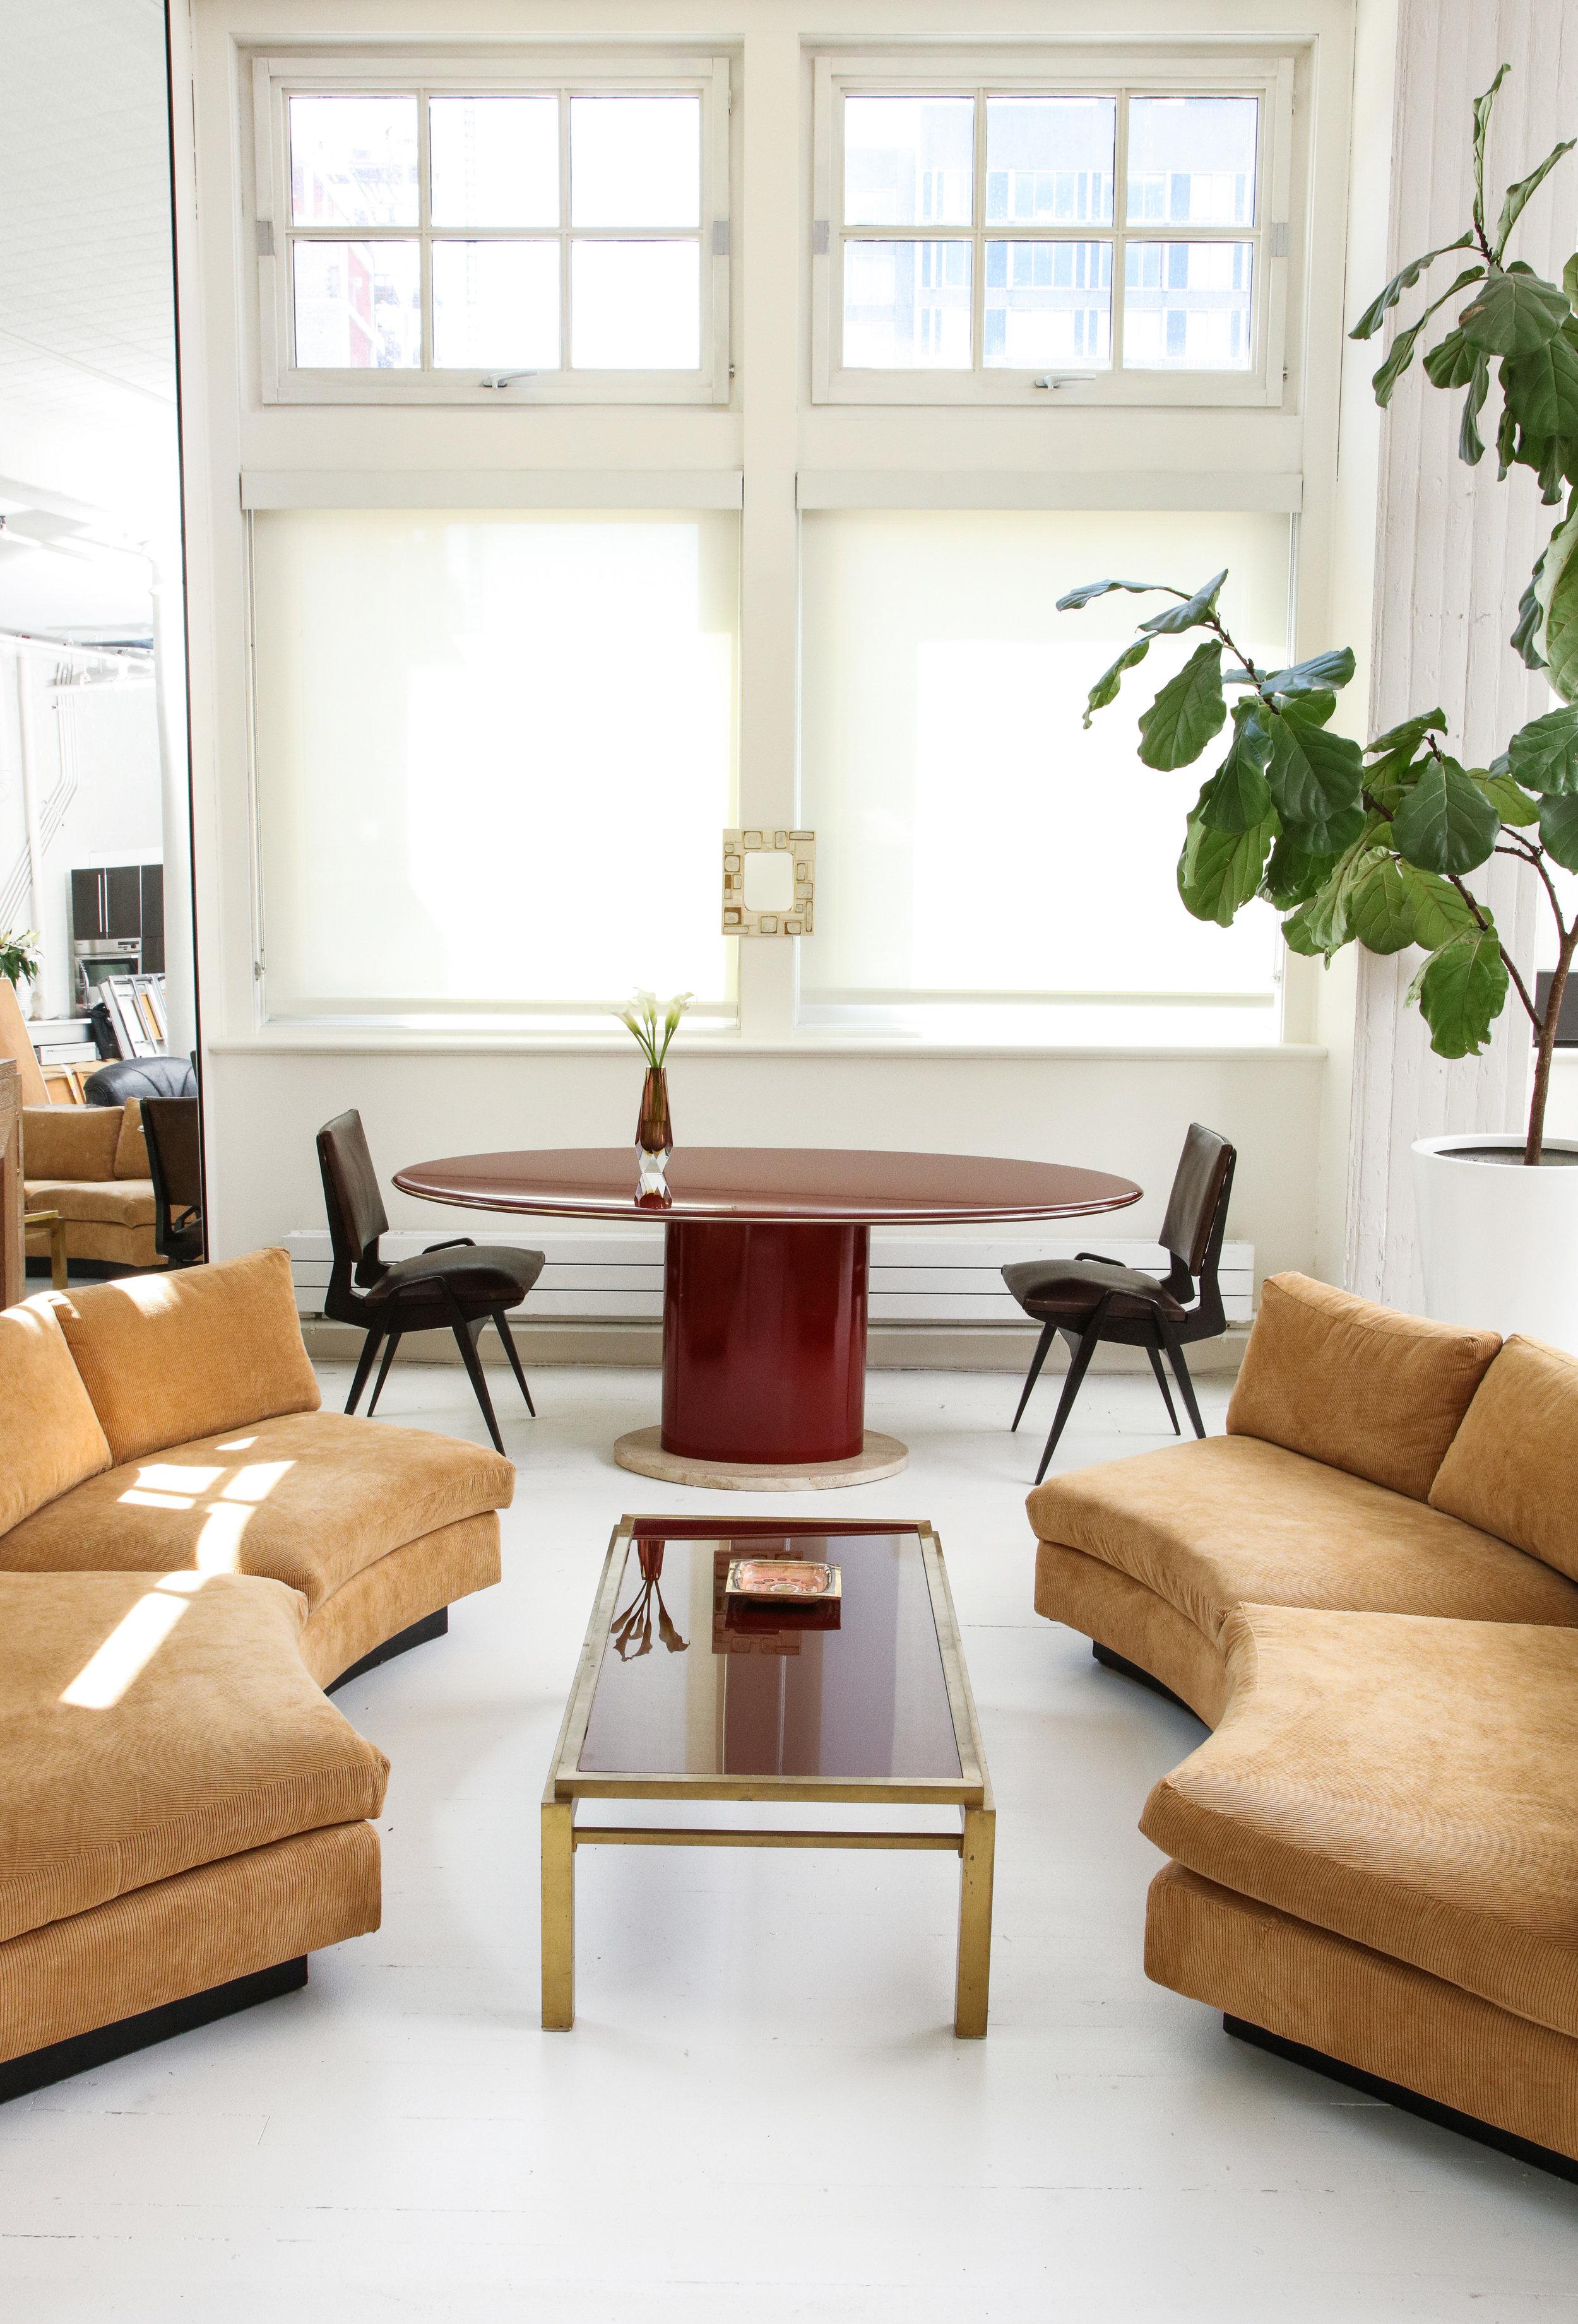 josh gaddy vignette red laquer table, milo sofa, maison table april 2017.jpg